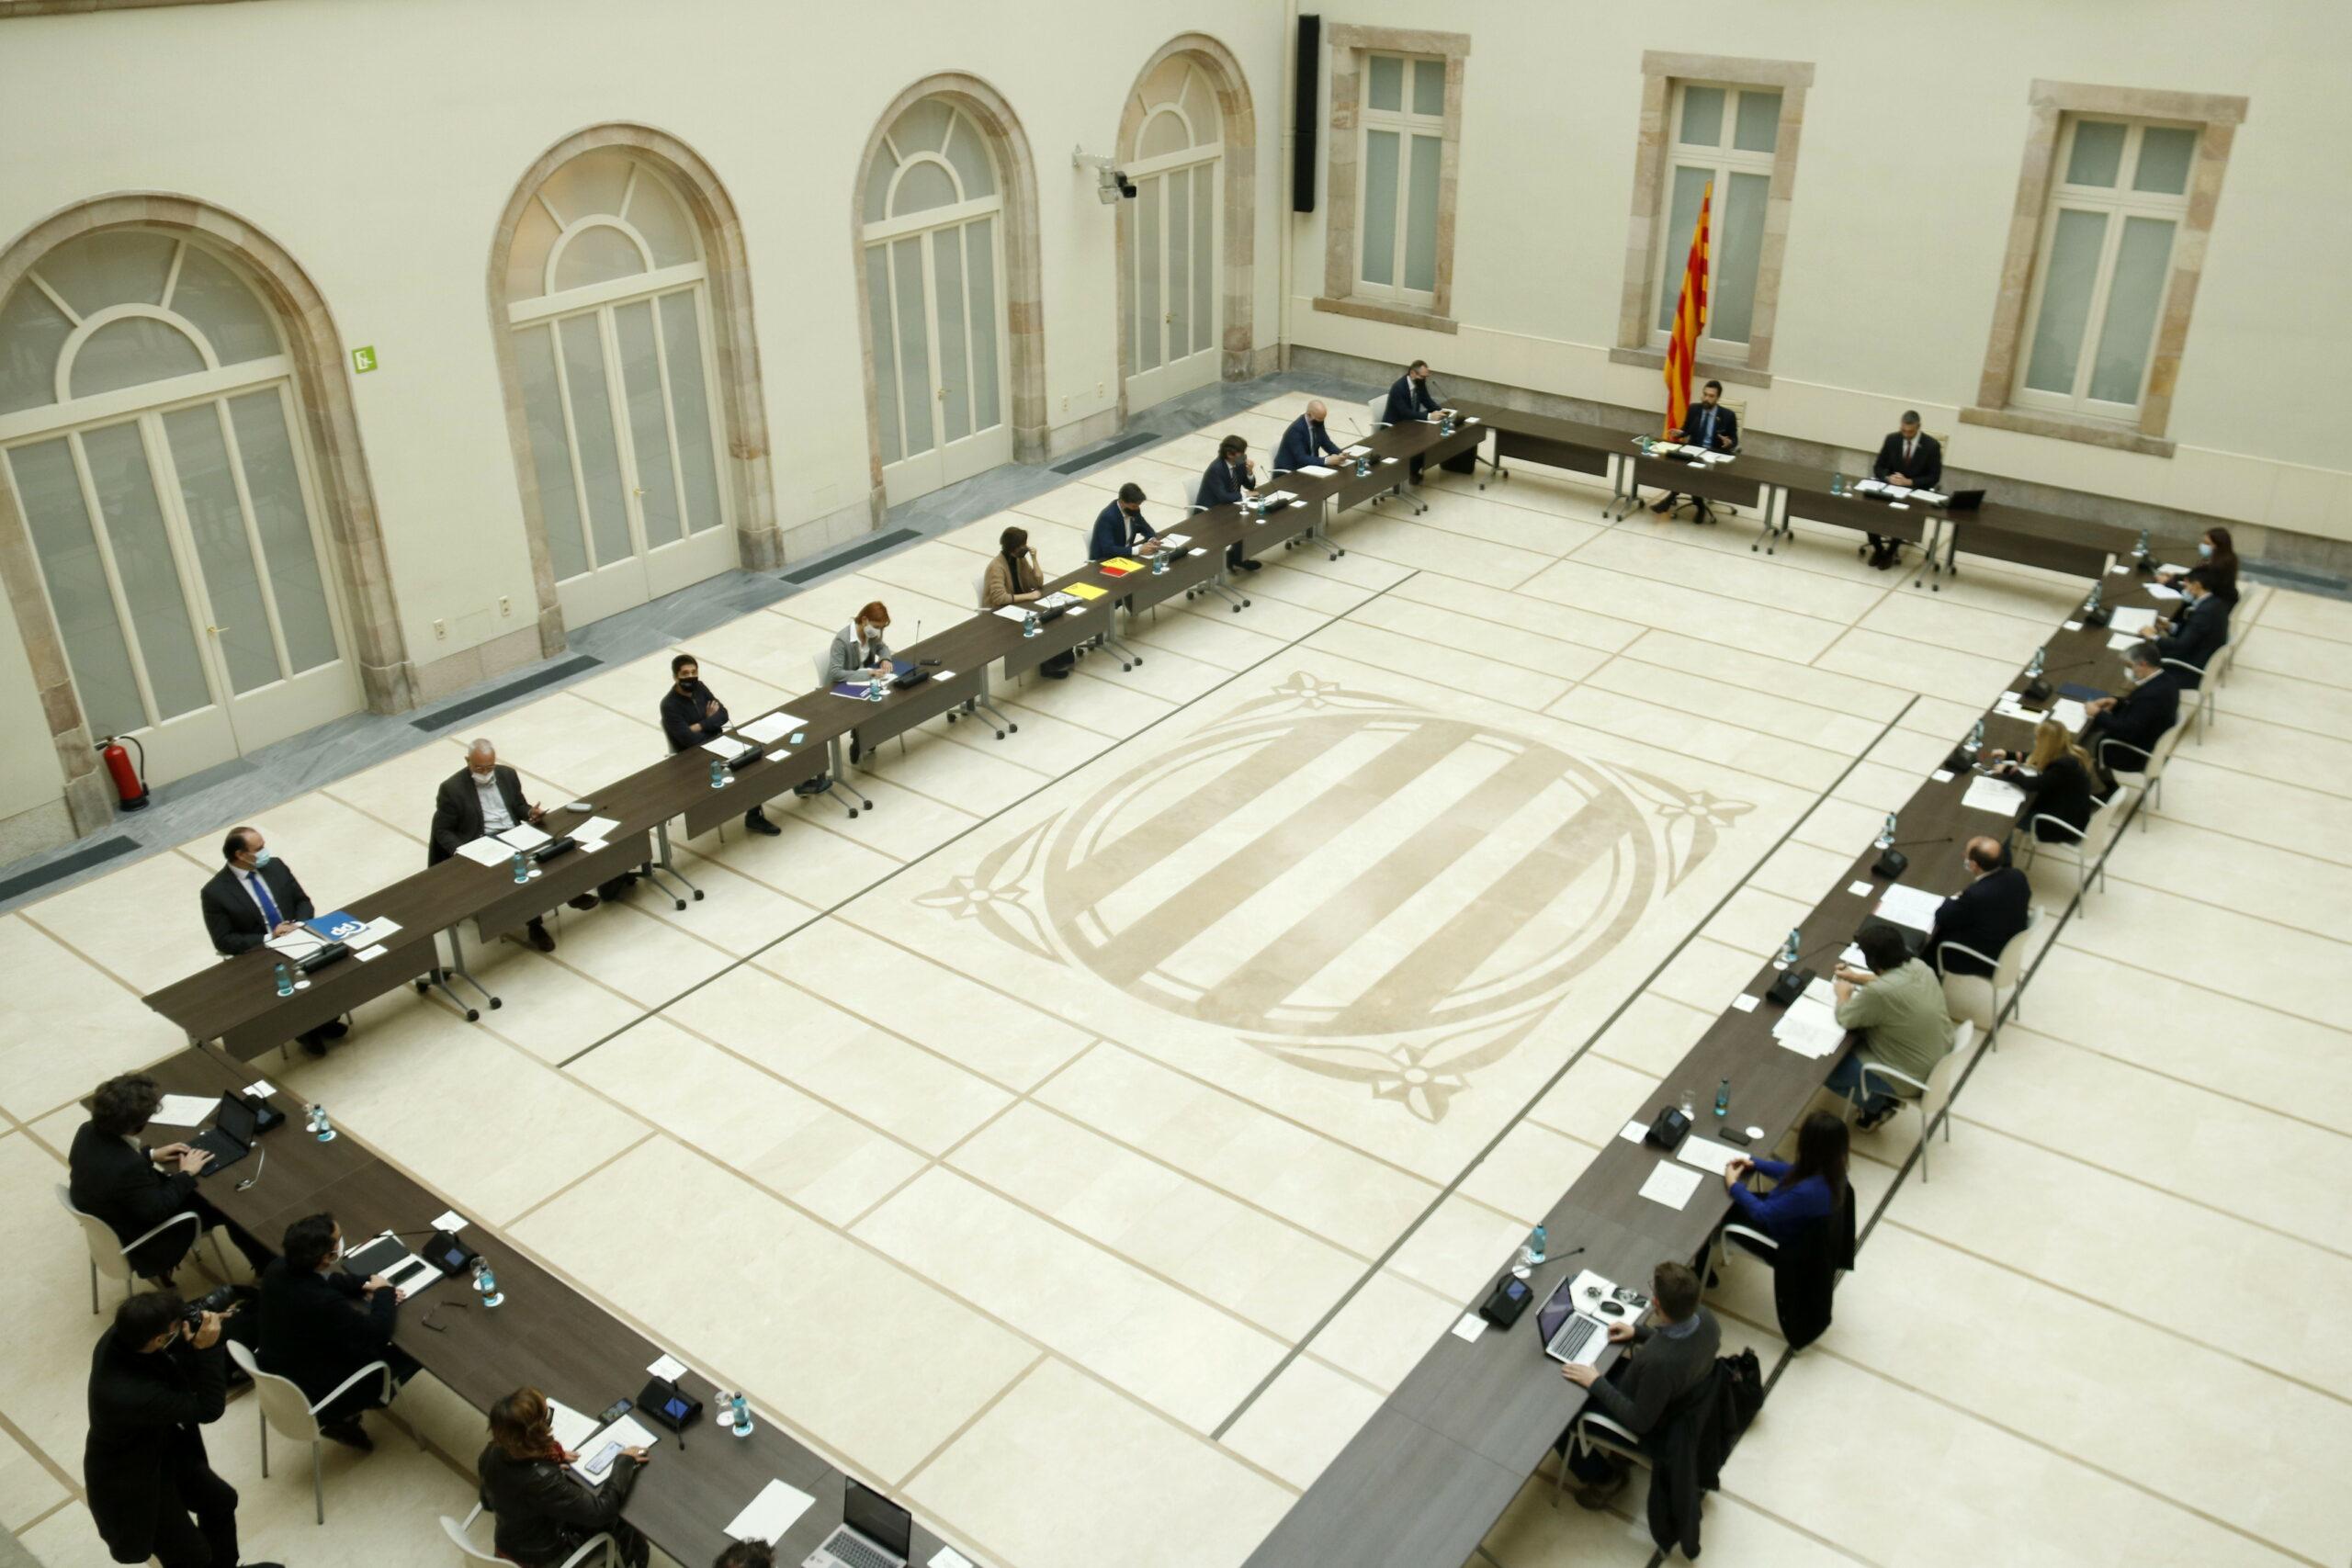 Reunió de la Mesa de grups del Parlament sobre les eleccions del 14-F a l'auditori | ACN